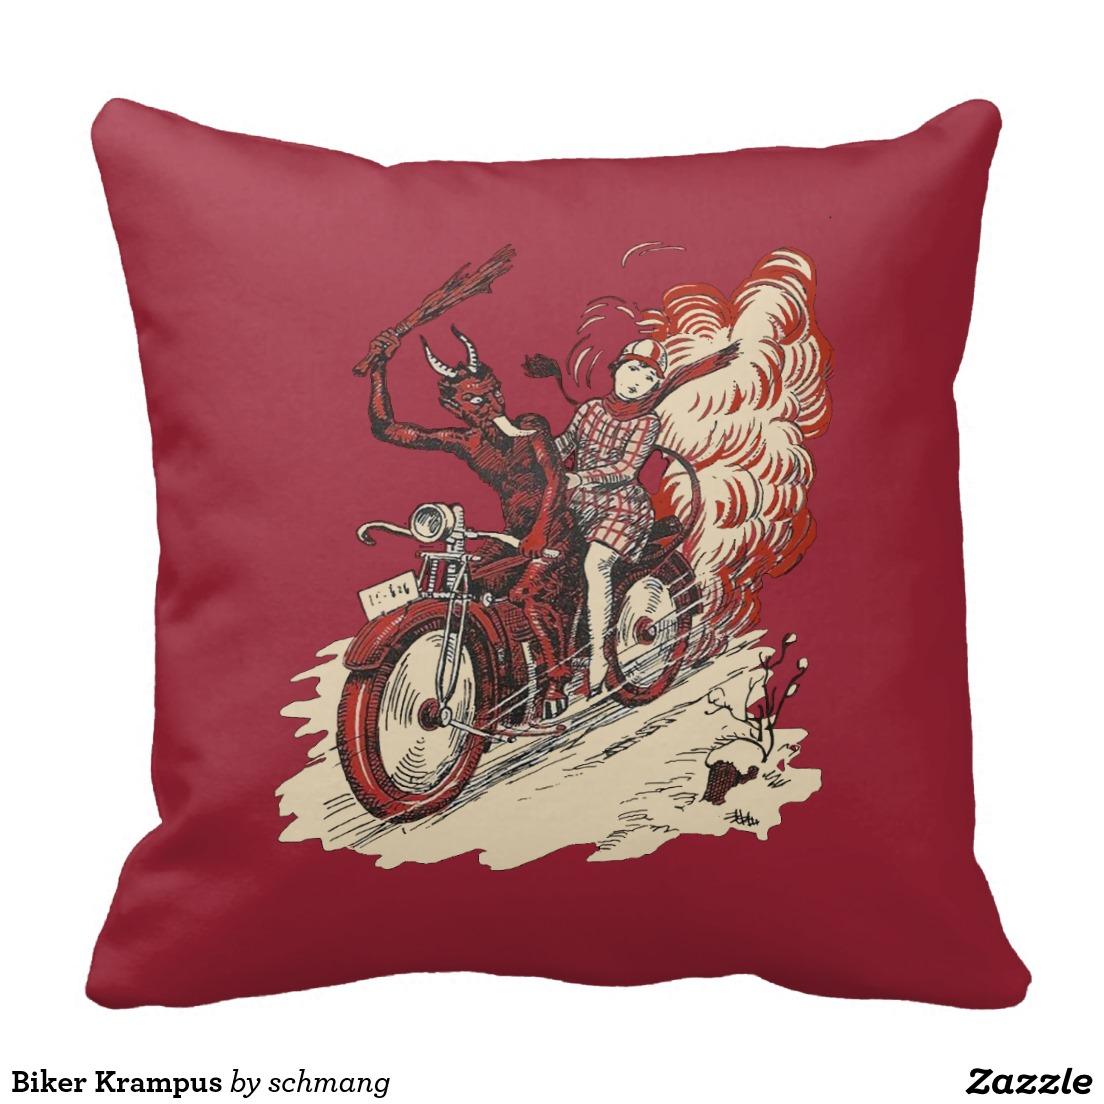 Biker Krampus Throw Pillow – Krampus Christmas Gifts